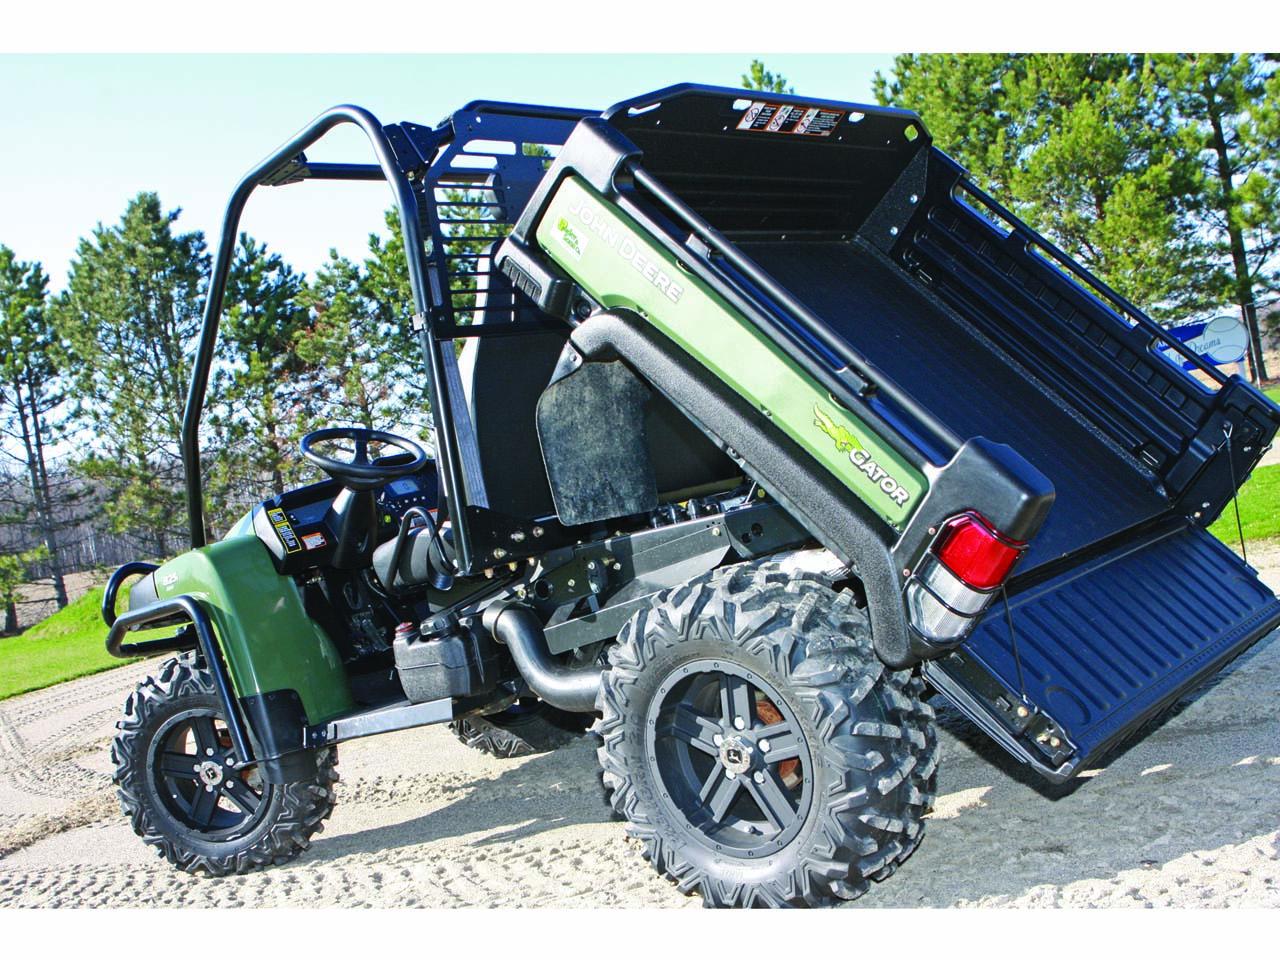 2011 John Deere Gator 825 XUV Review  ATV Illustrated